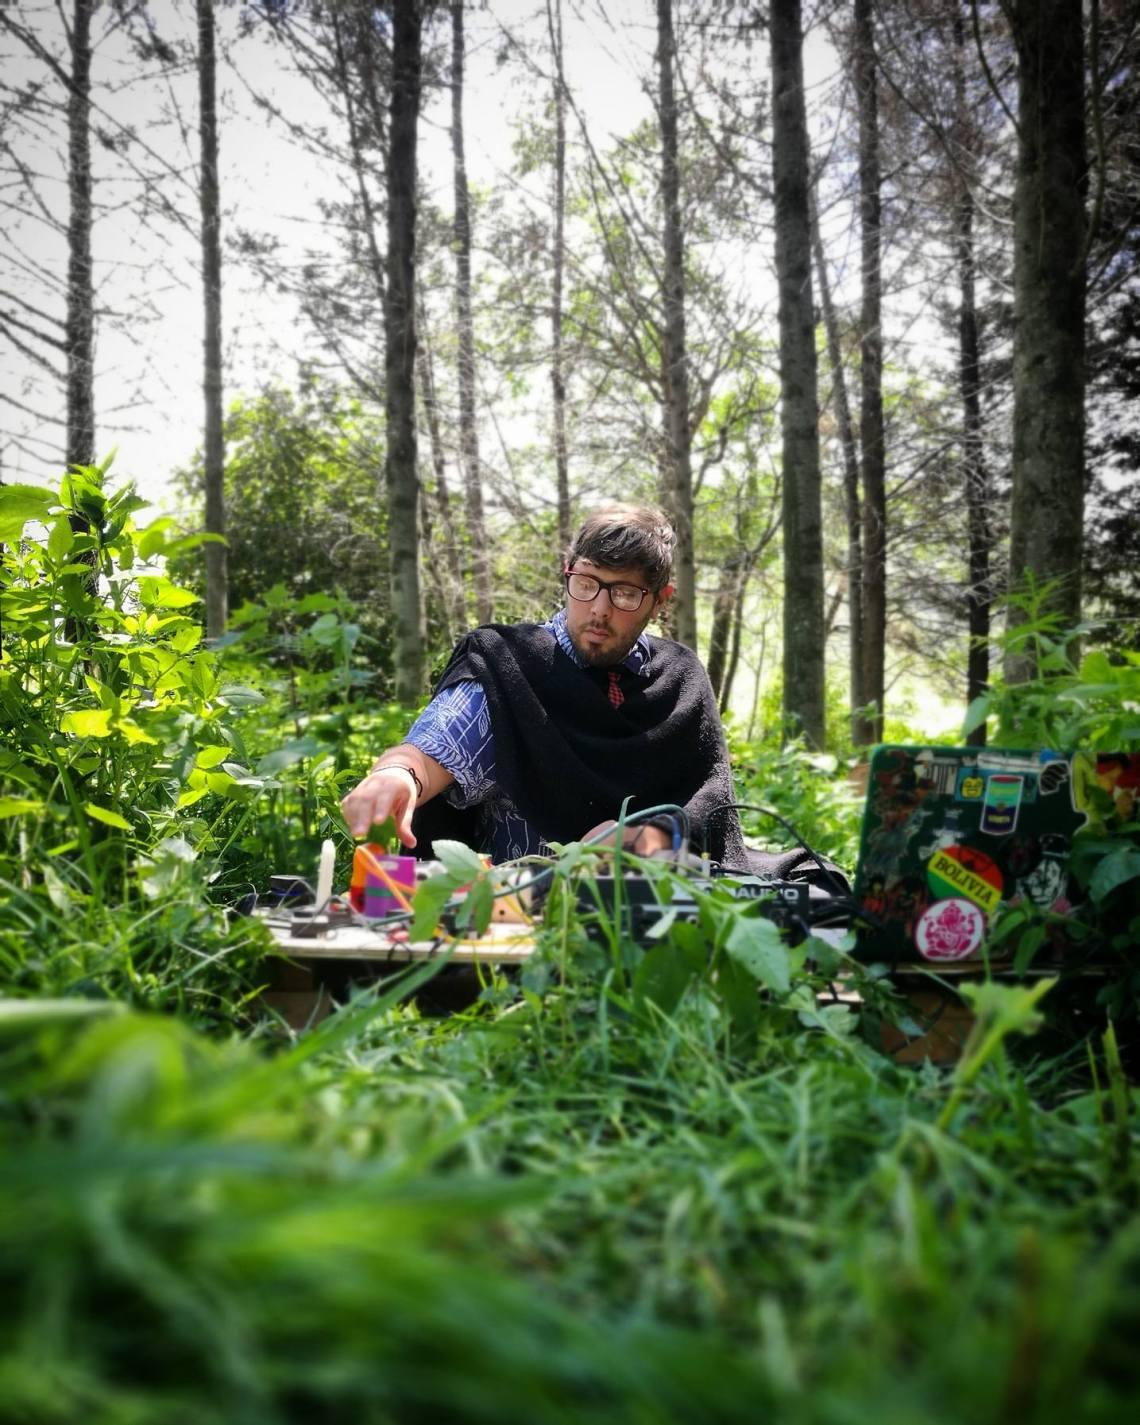 tocada-en-el-bosque-nuson - Daniel Bargach Mitre.jpg